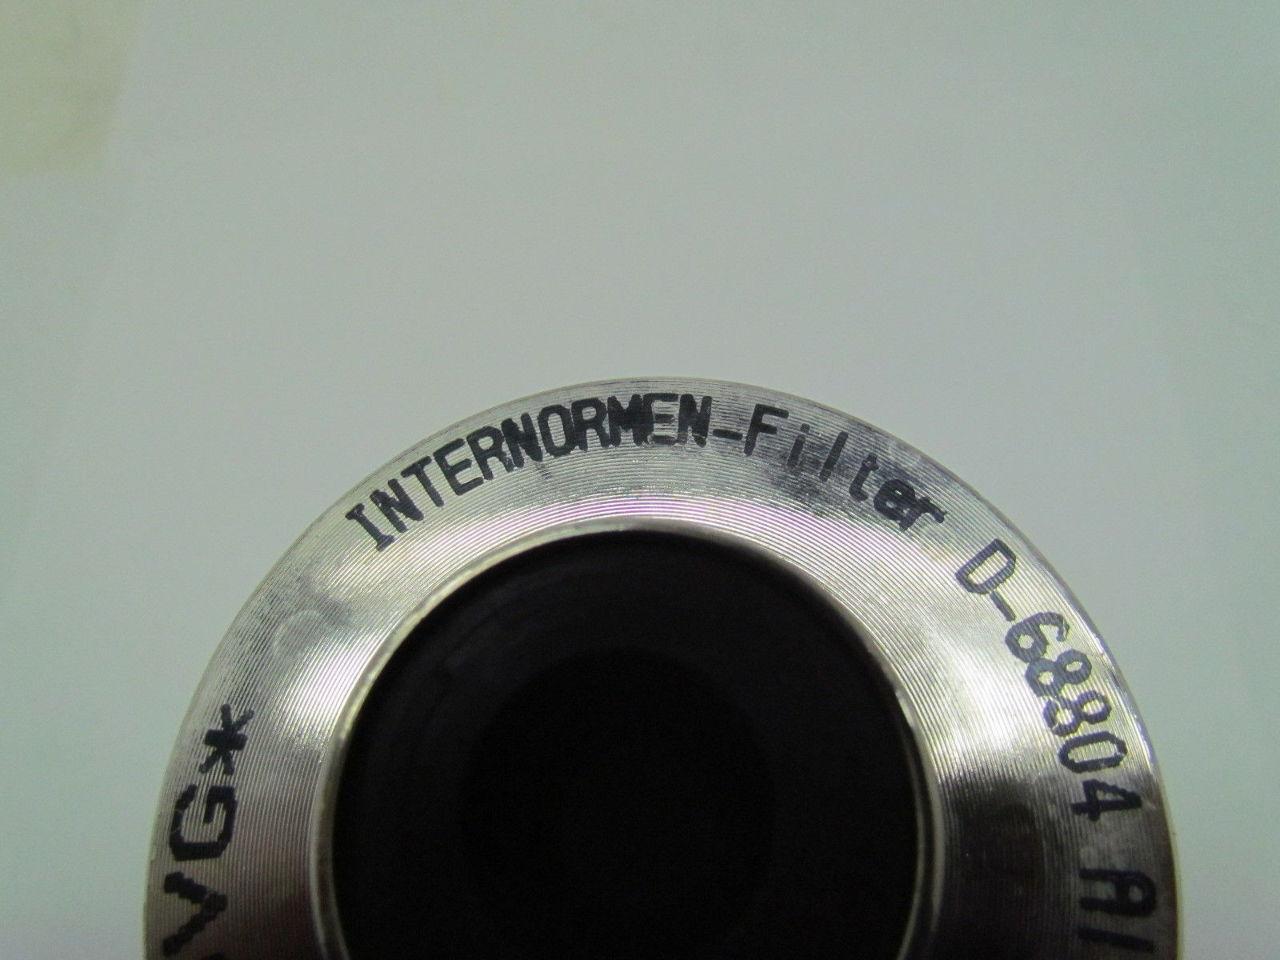 internormen filter d 68804 310584 hydraulic filter element